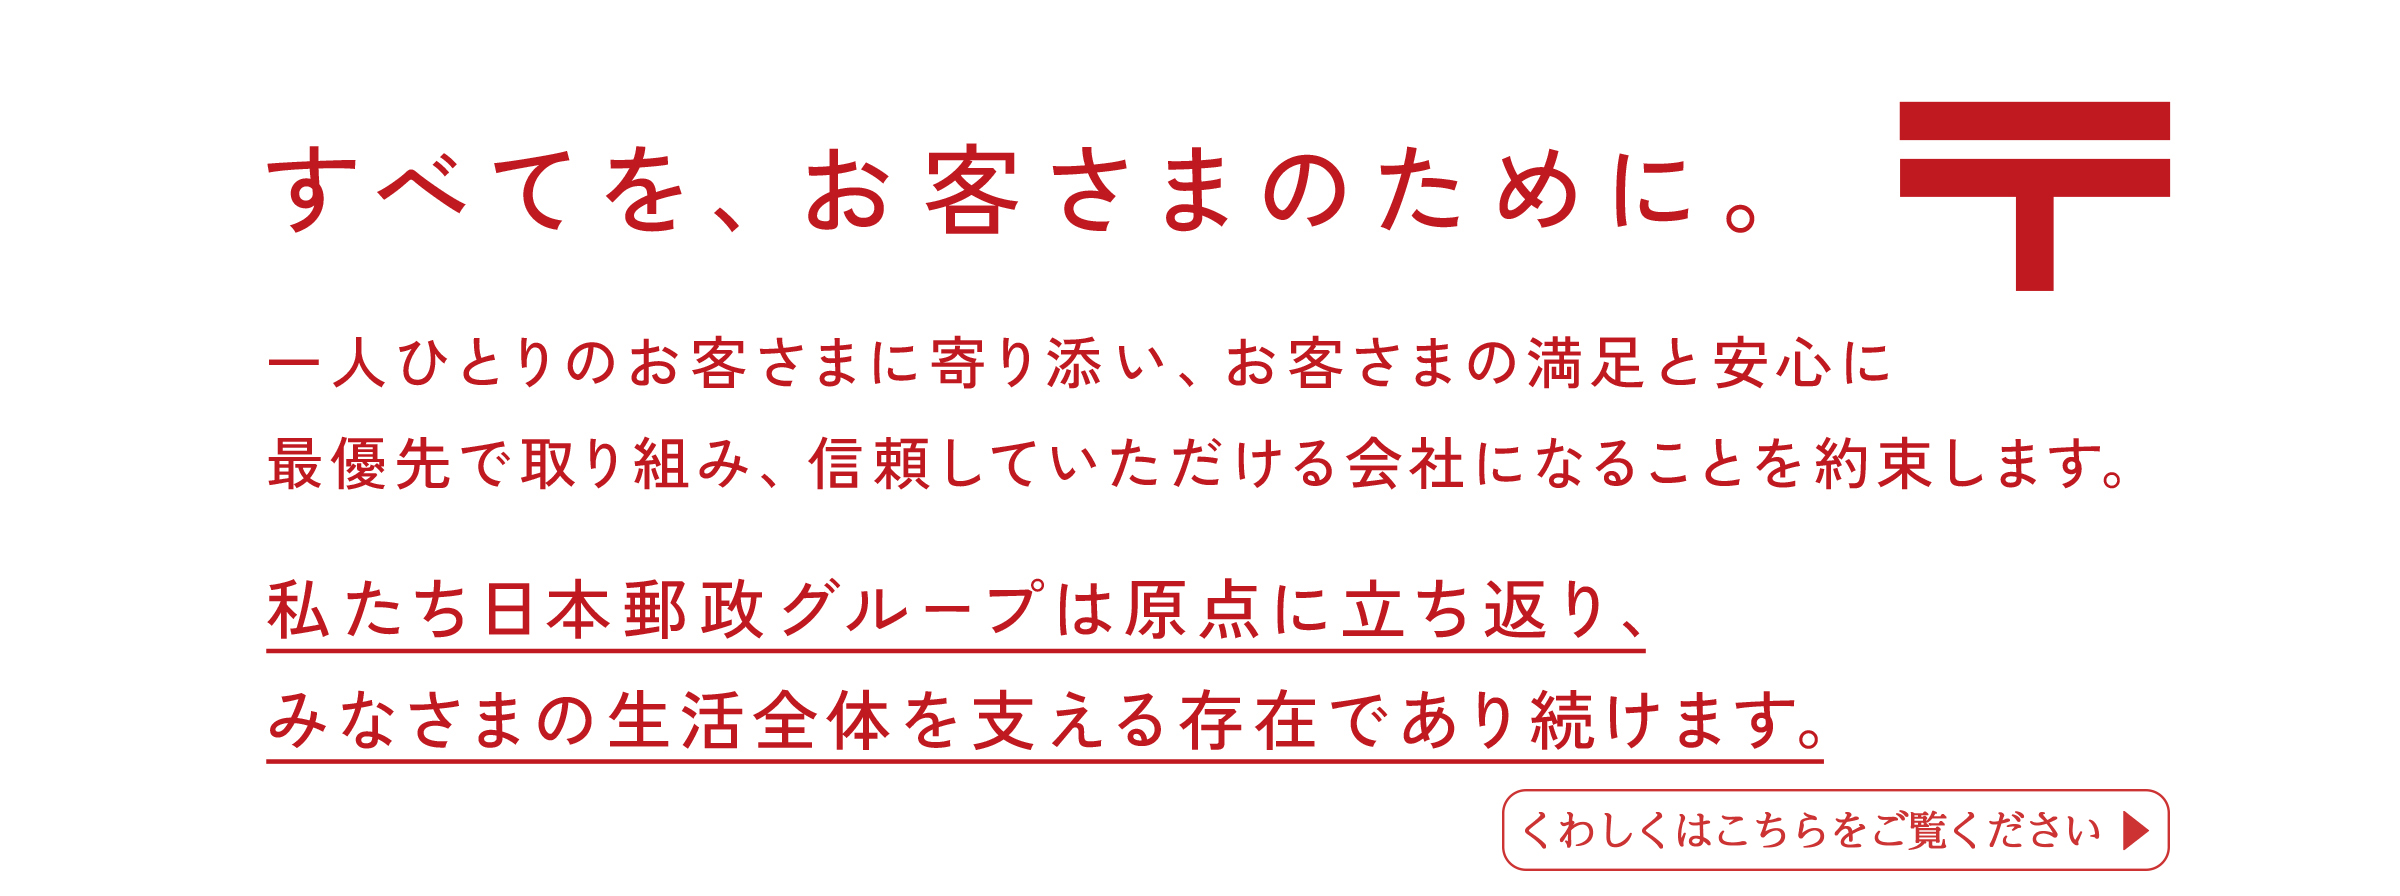 株価 の 日本 郵政